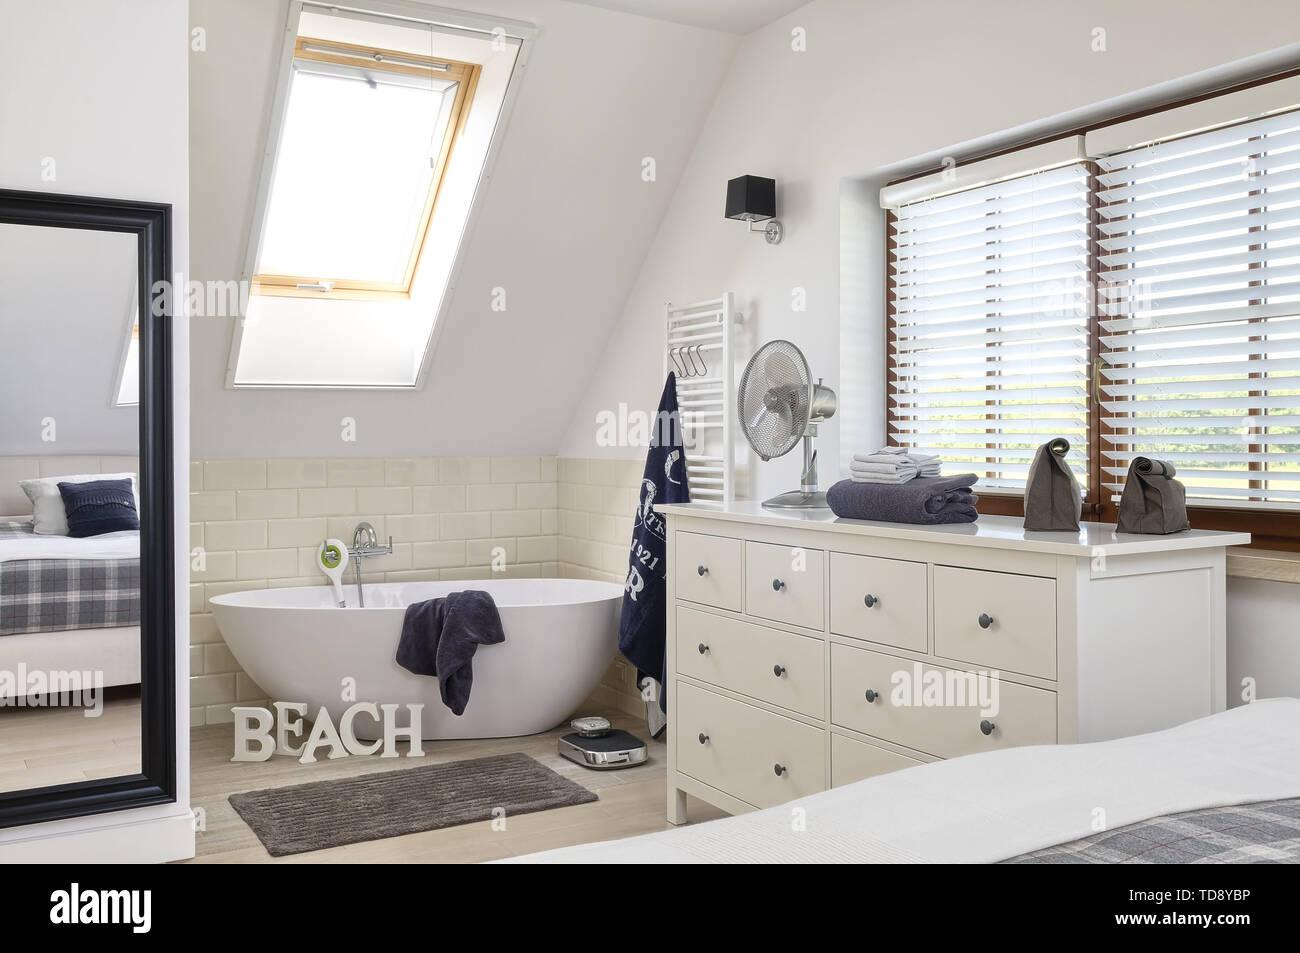 Freistehende Badewanne und Kommode in offenen Schlafzimmer ...